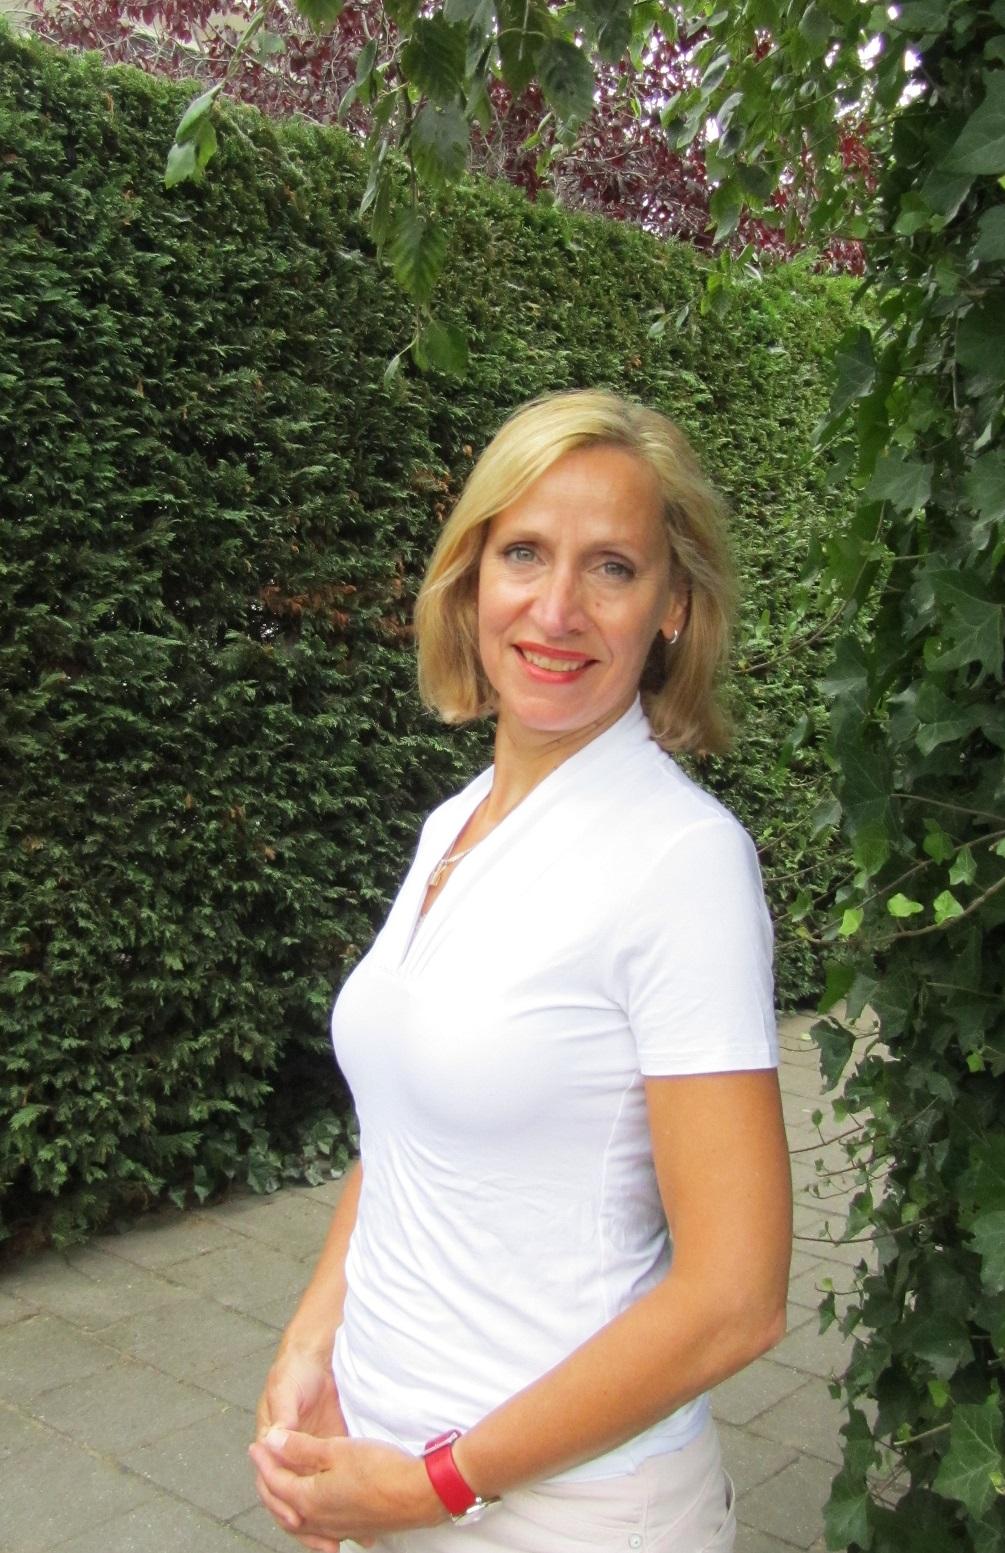 reiki leiden reiki voorschoten foto docent yoga voorschoten yogales leiden